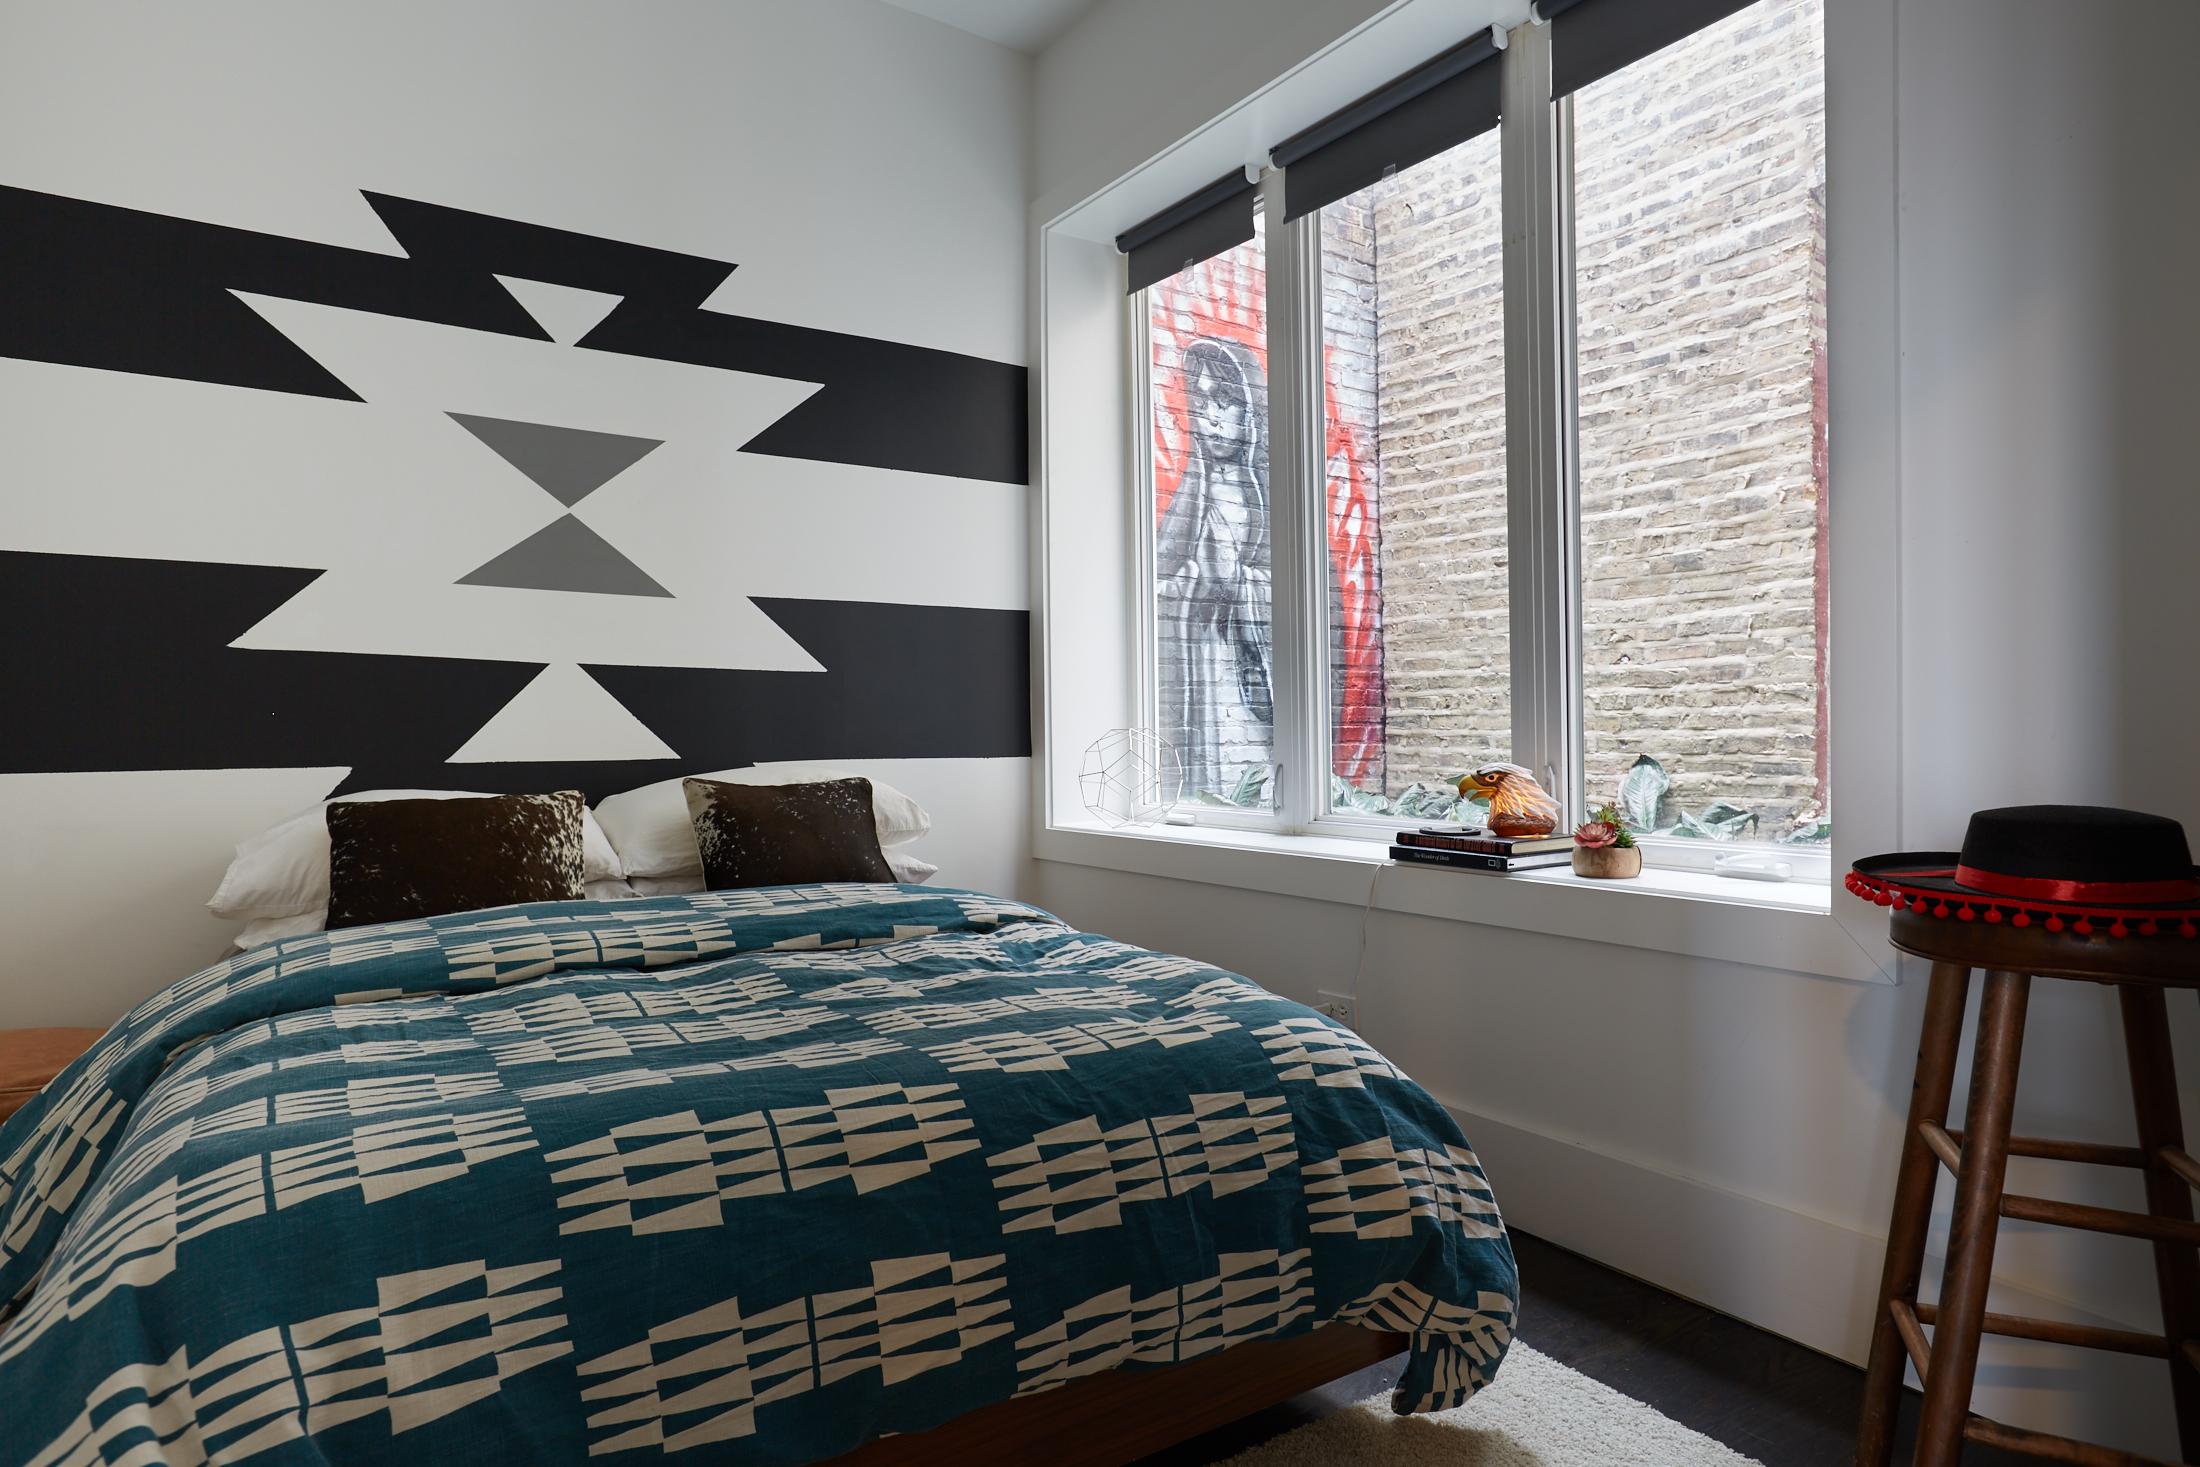 El_Motel_Bedroom_713.jpg